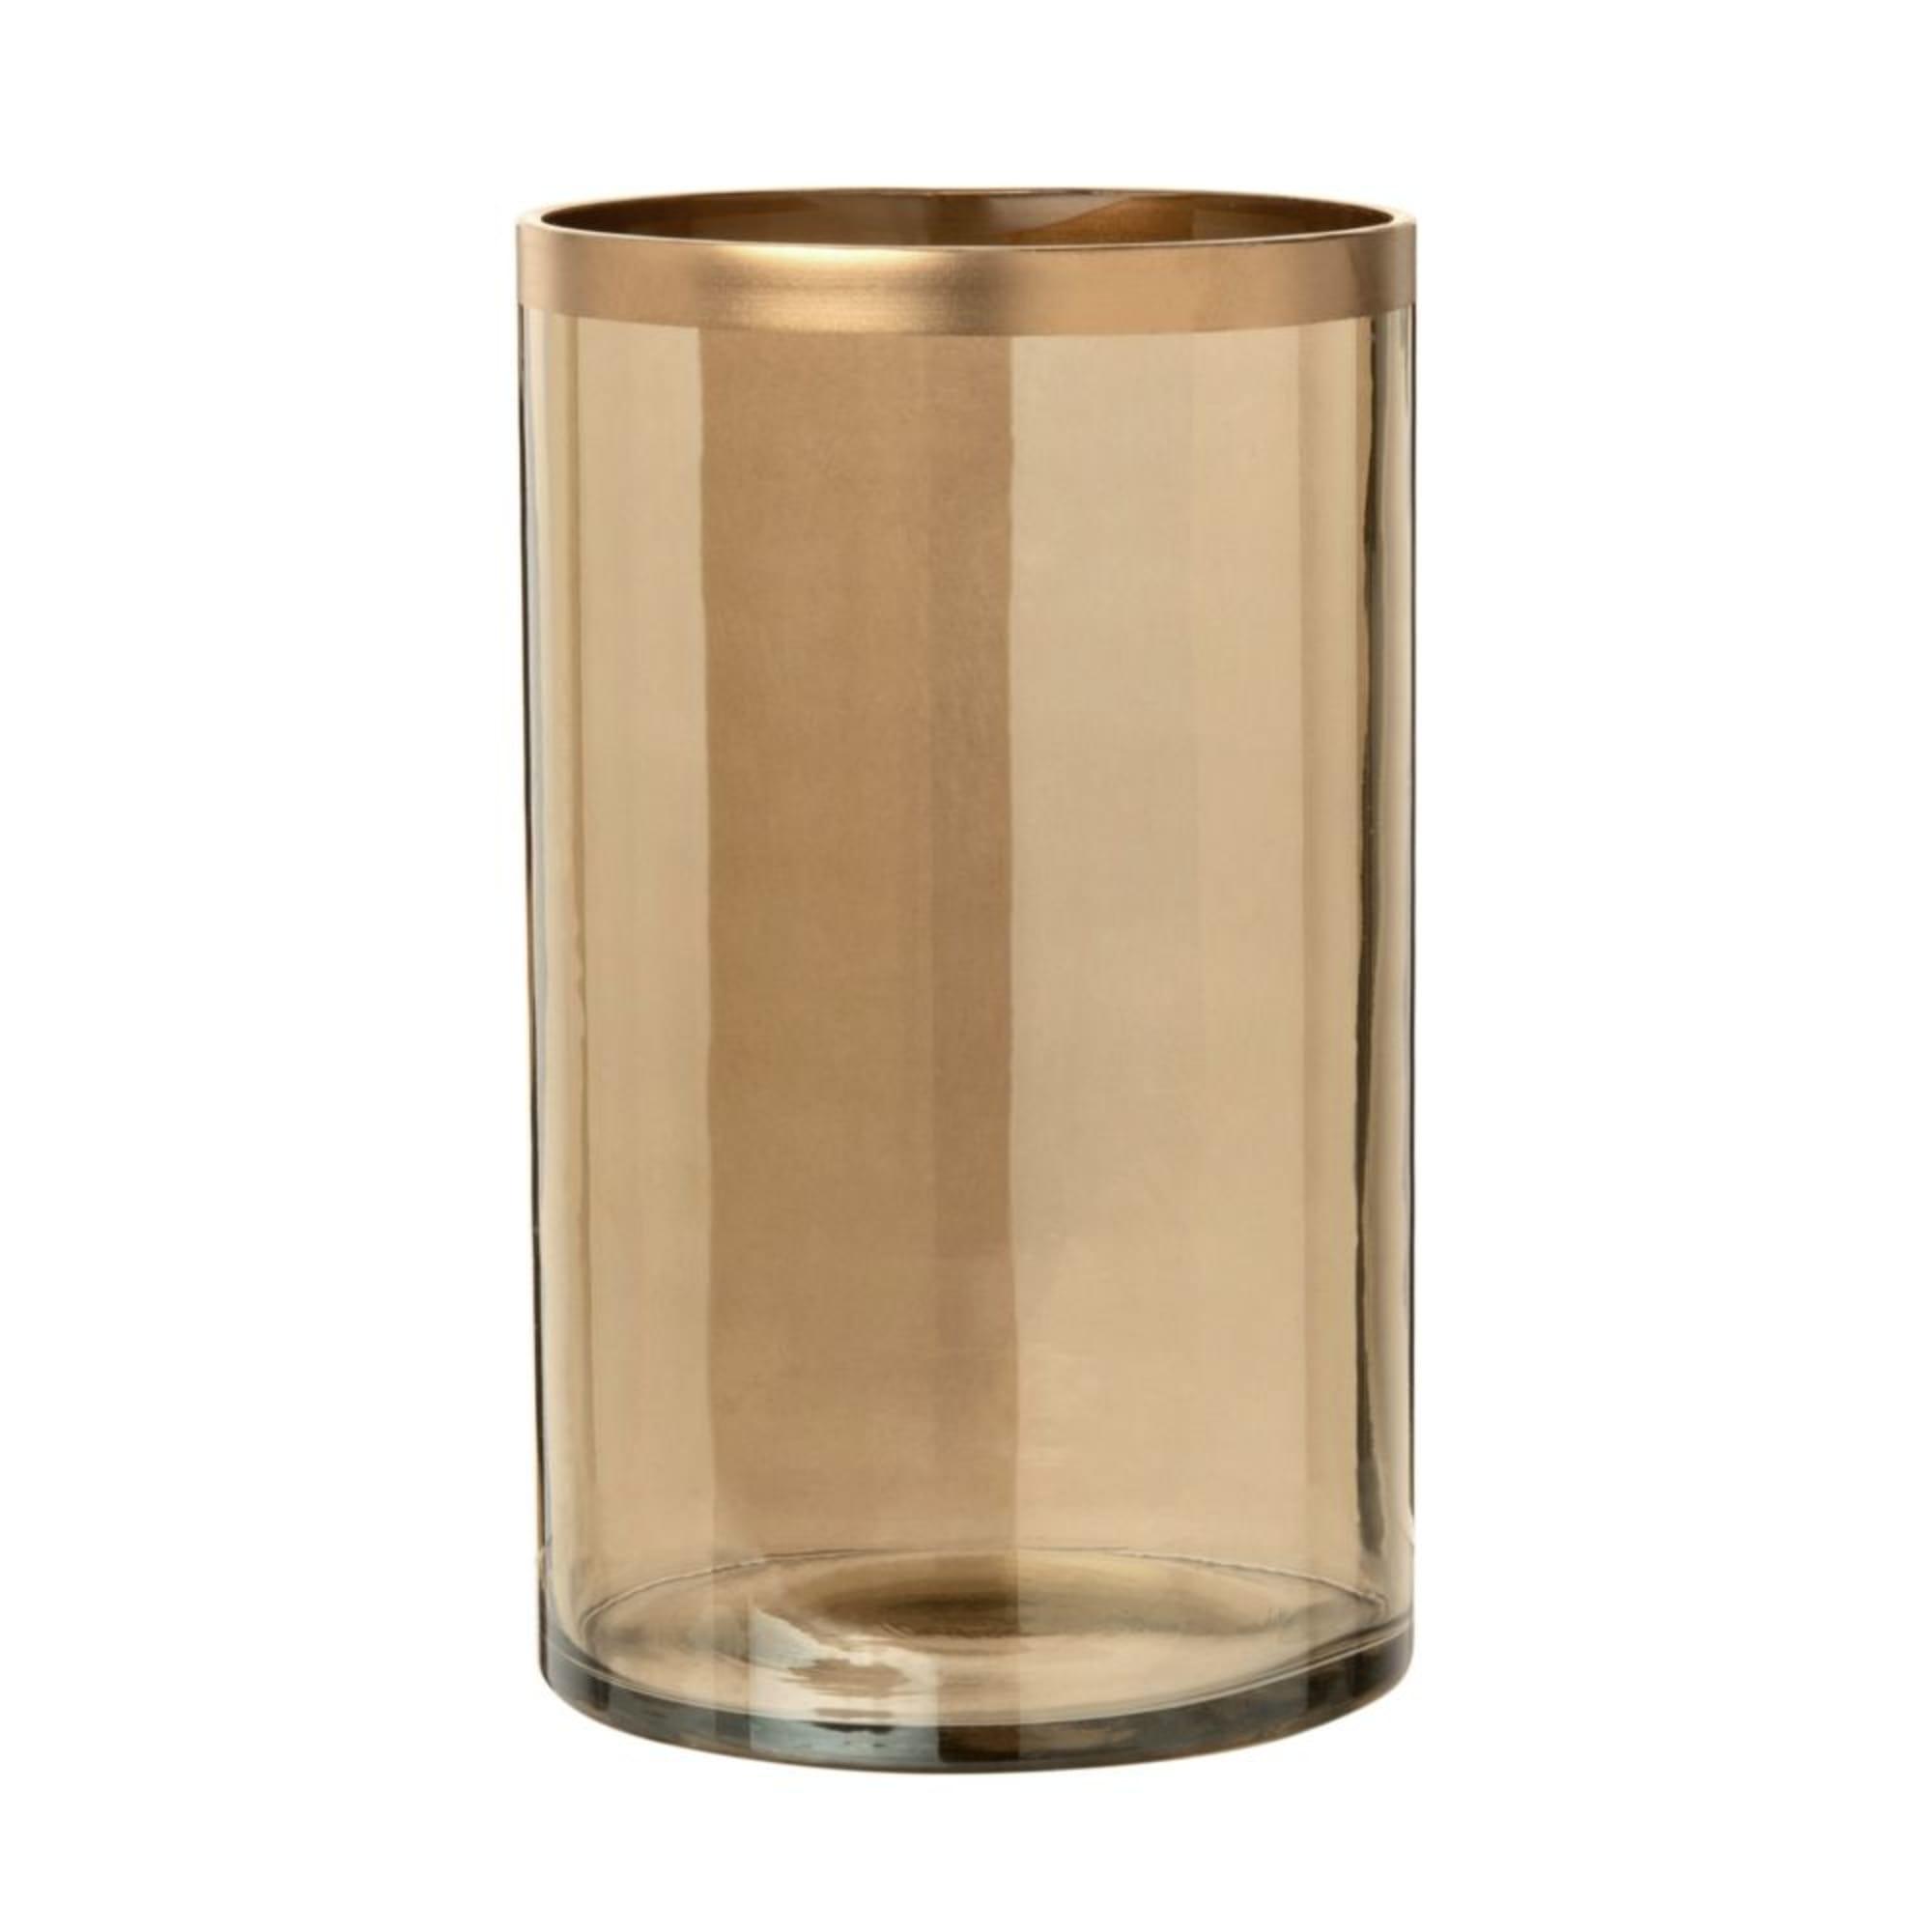 Jarrón de cristal ámbar y dorado